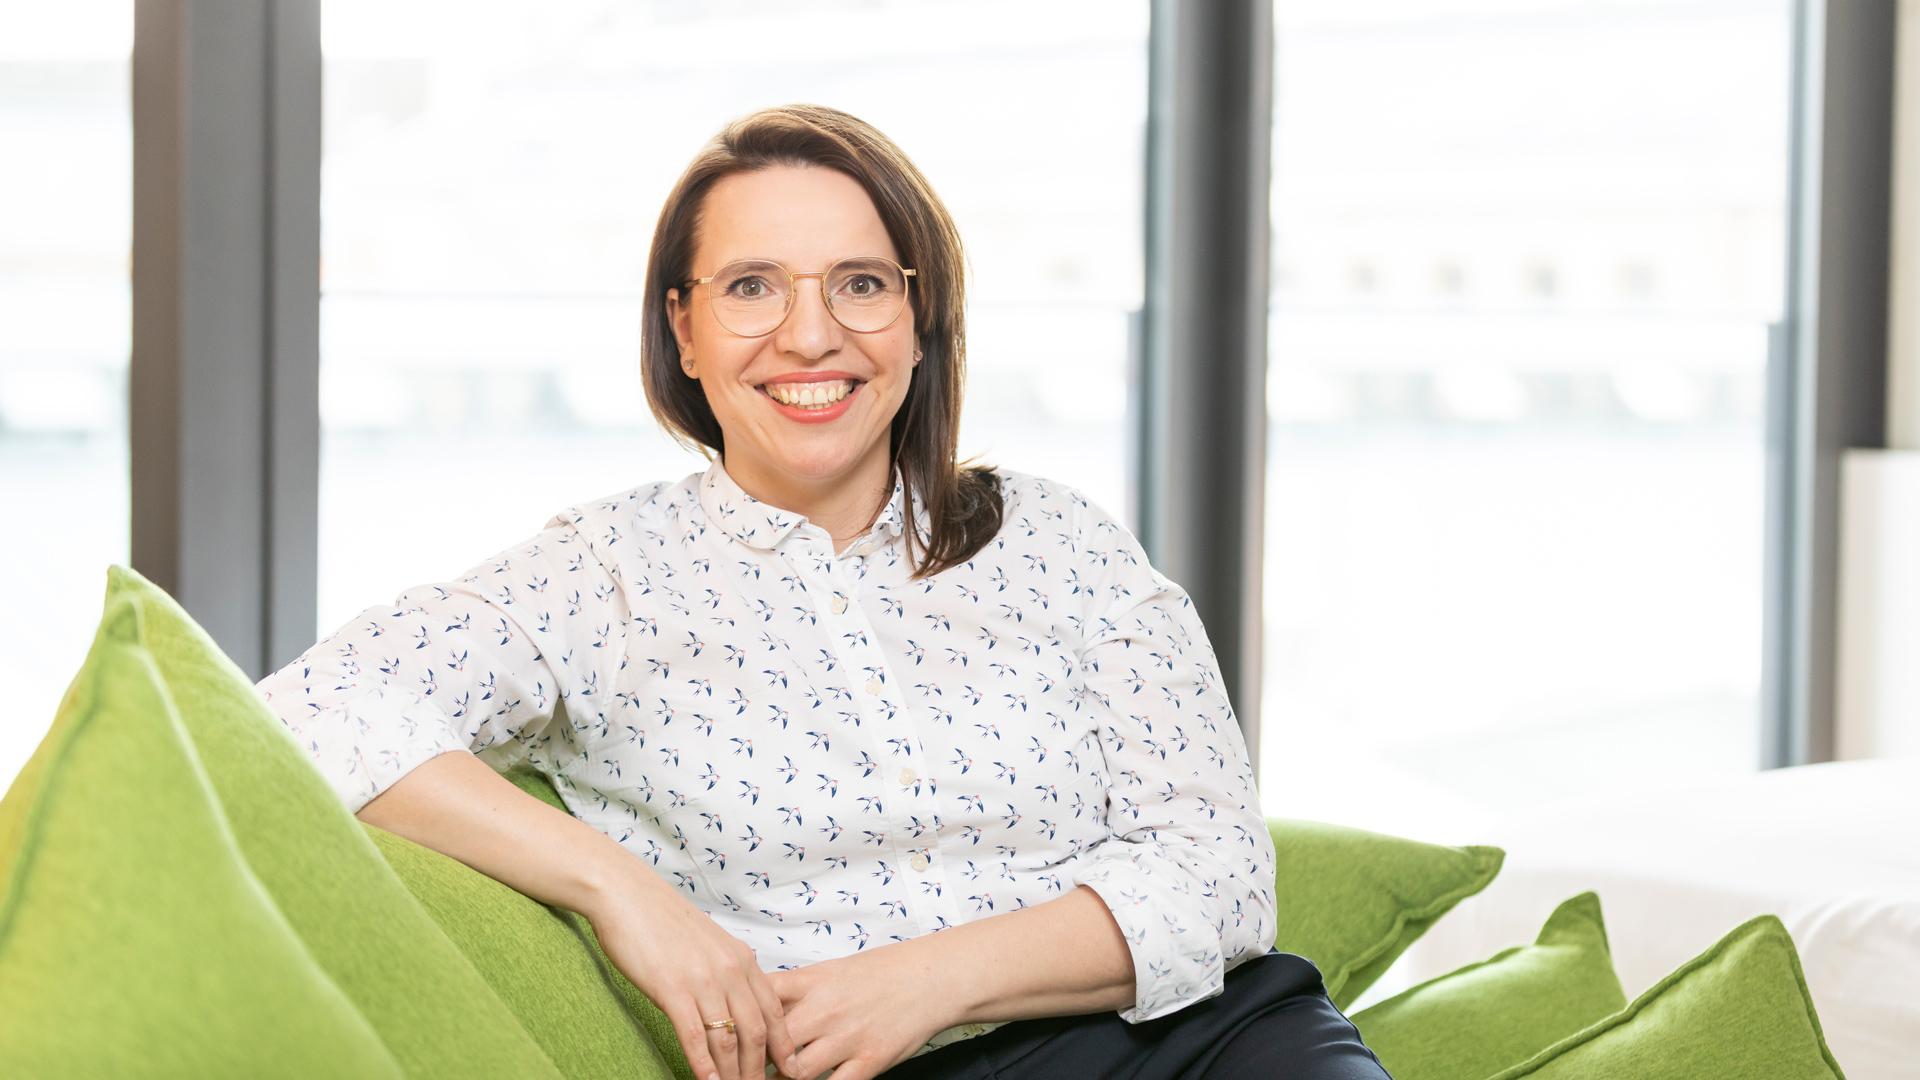 Andrea Bassüner – Begleiterin, Impulsgeberin und Profi für den Prozess